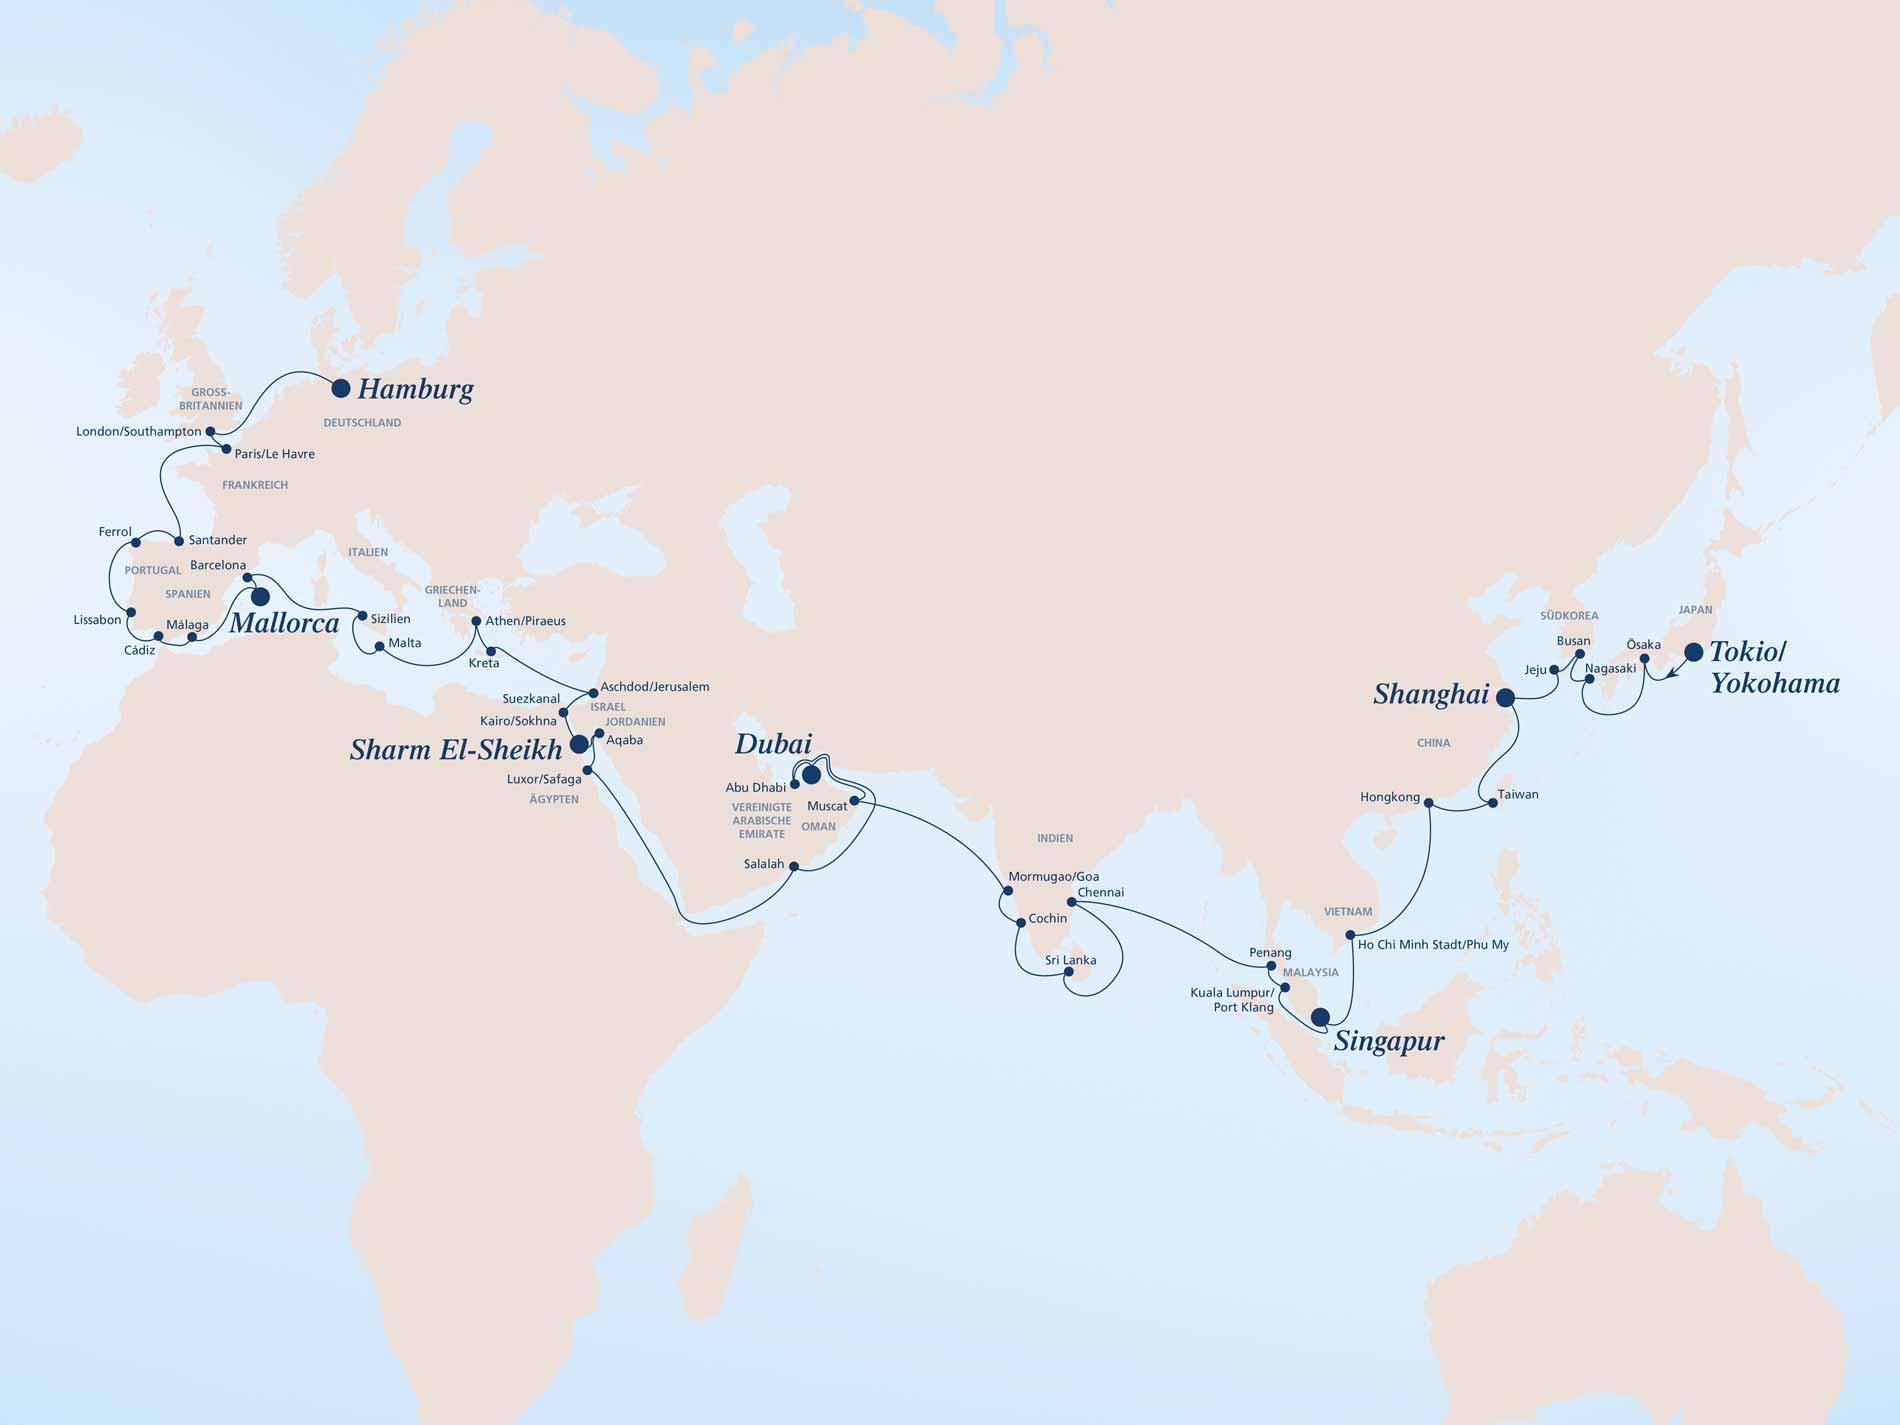 Die Route, die ursprünglich für die AIDAprima geplant war. © AIDA Cruises